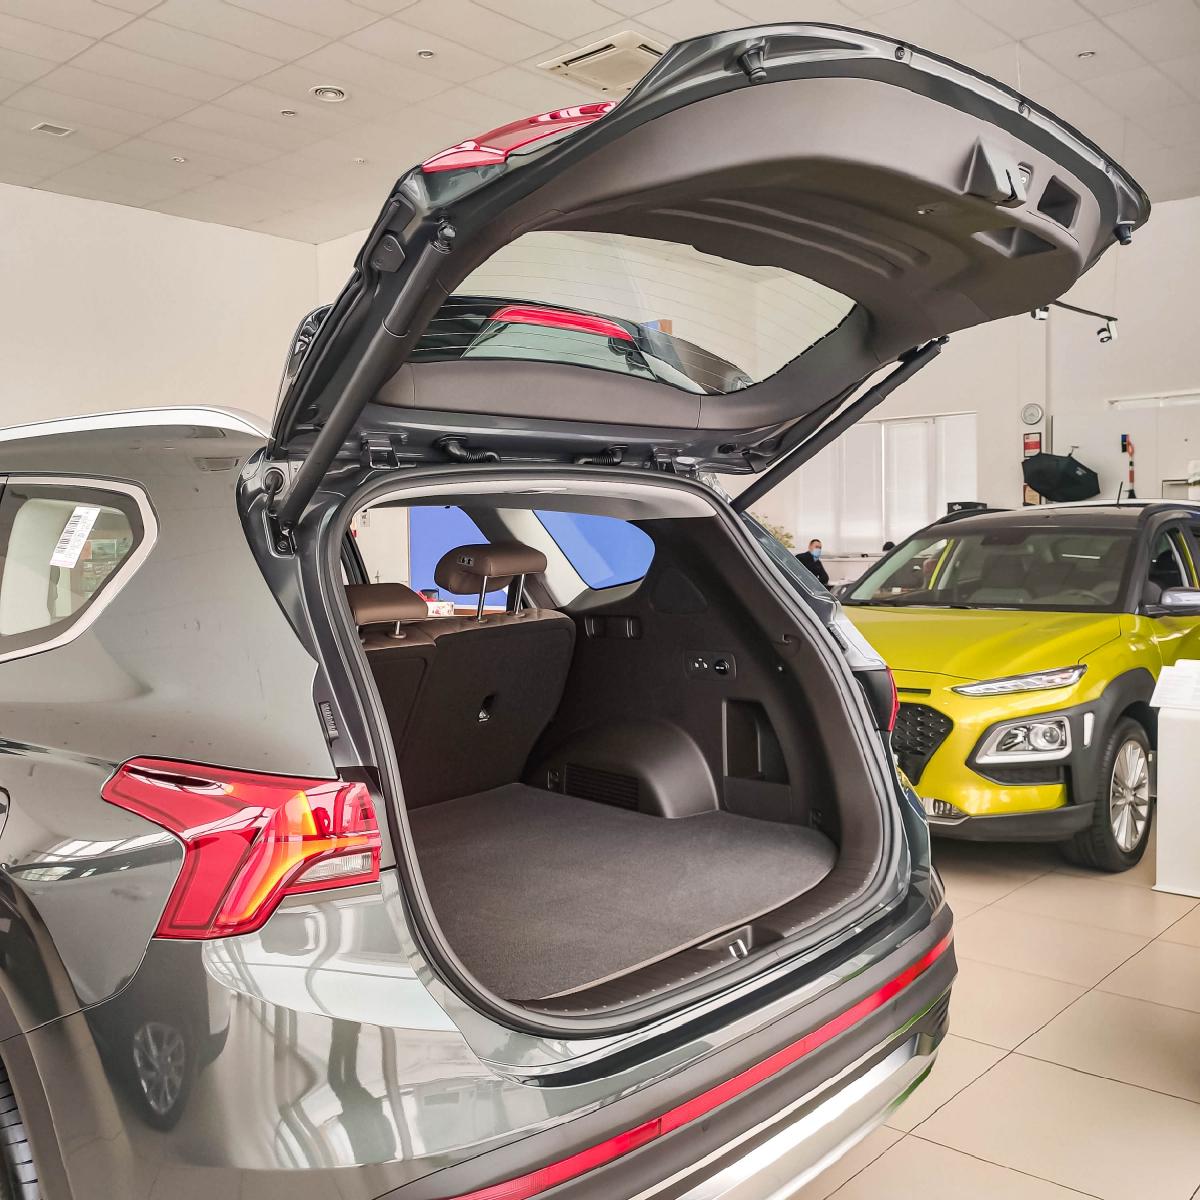 Якби комфорт і розкіш можна було б описати - це був би Hyundai Santa Fe!   Хюндай Мотор Україна - фото 11